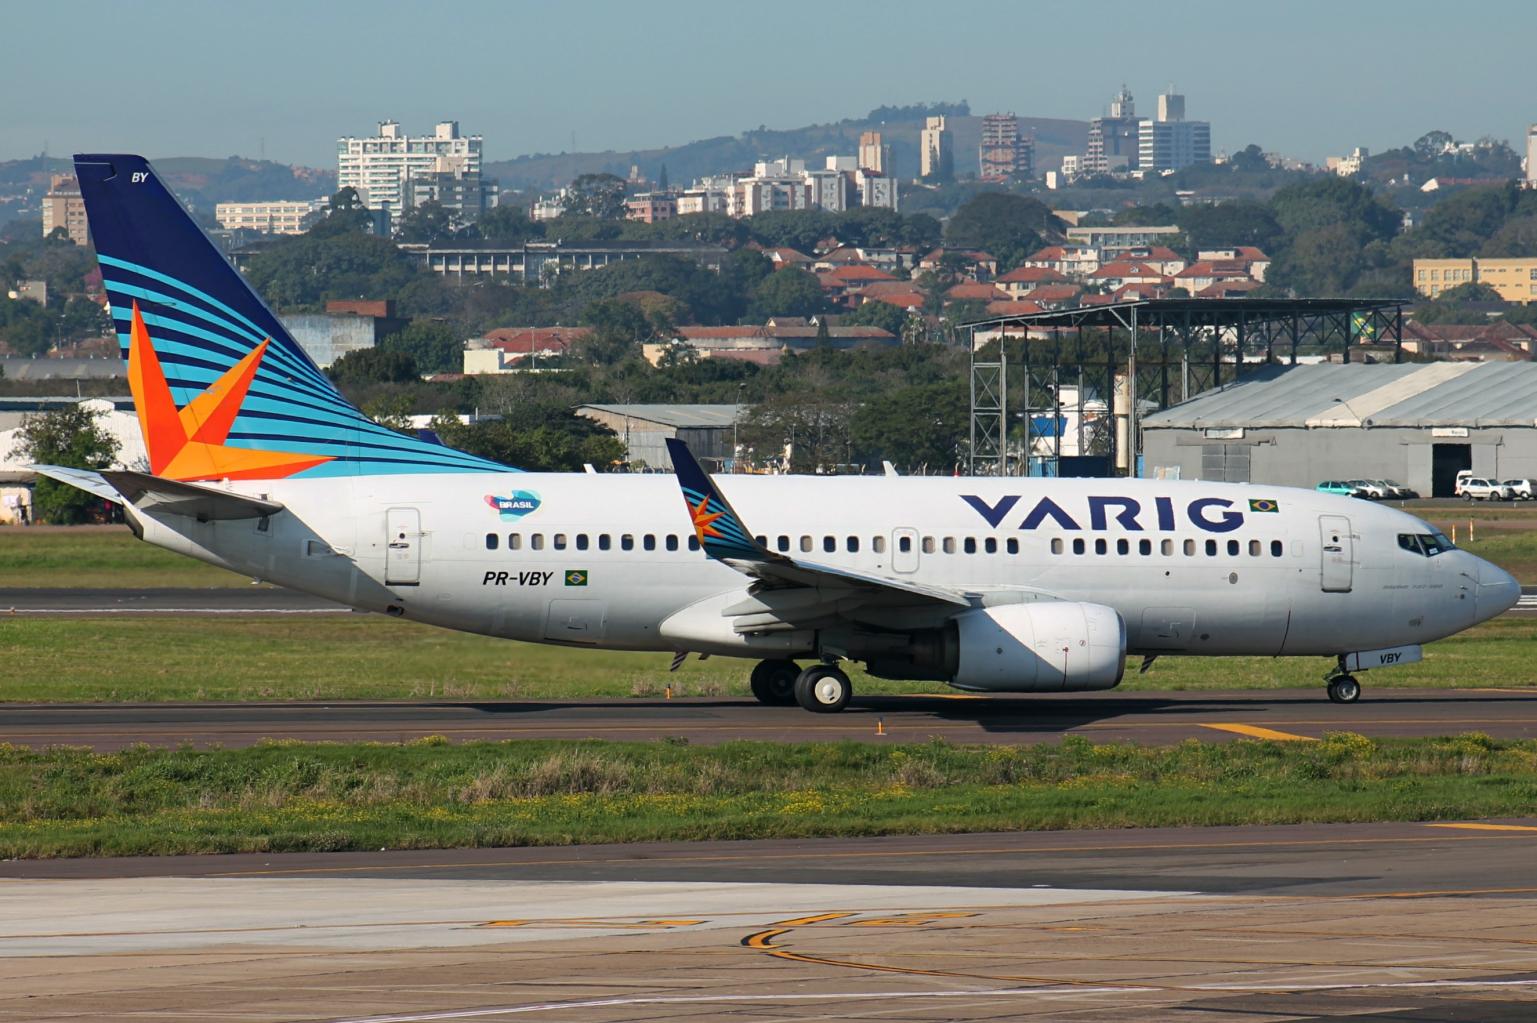 737 no Brasil: a história (Parte 2)